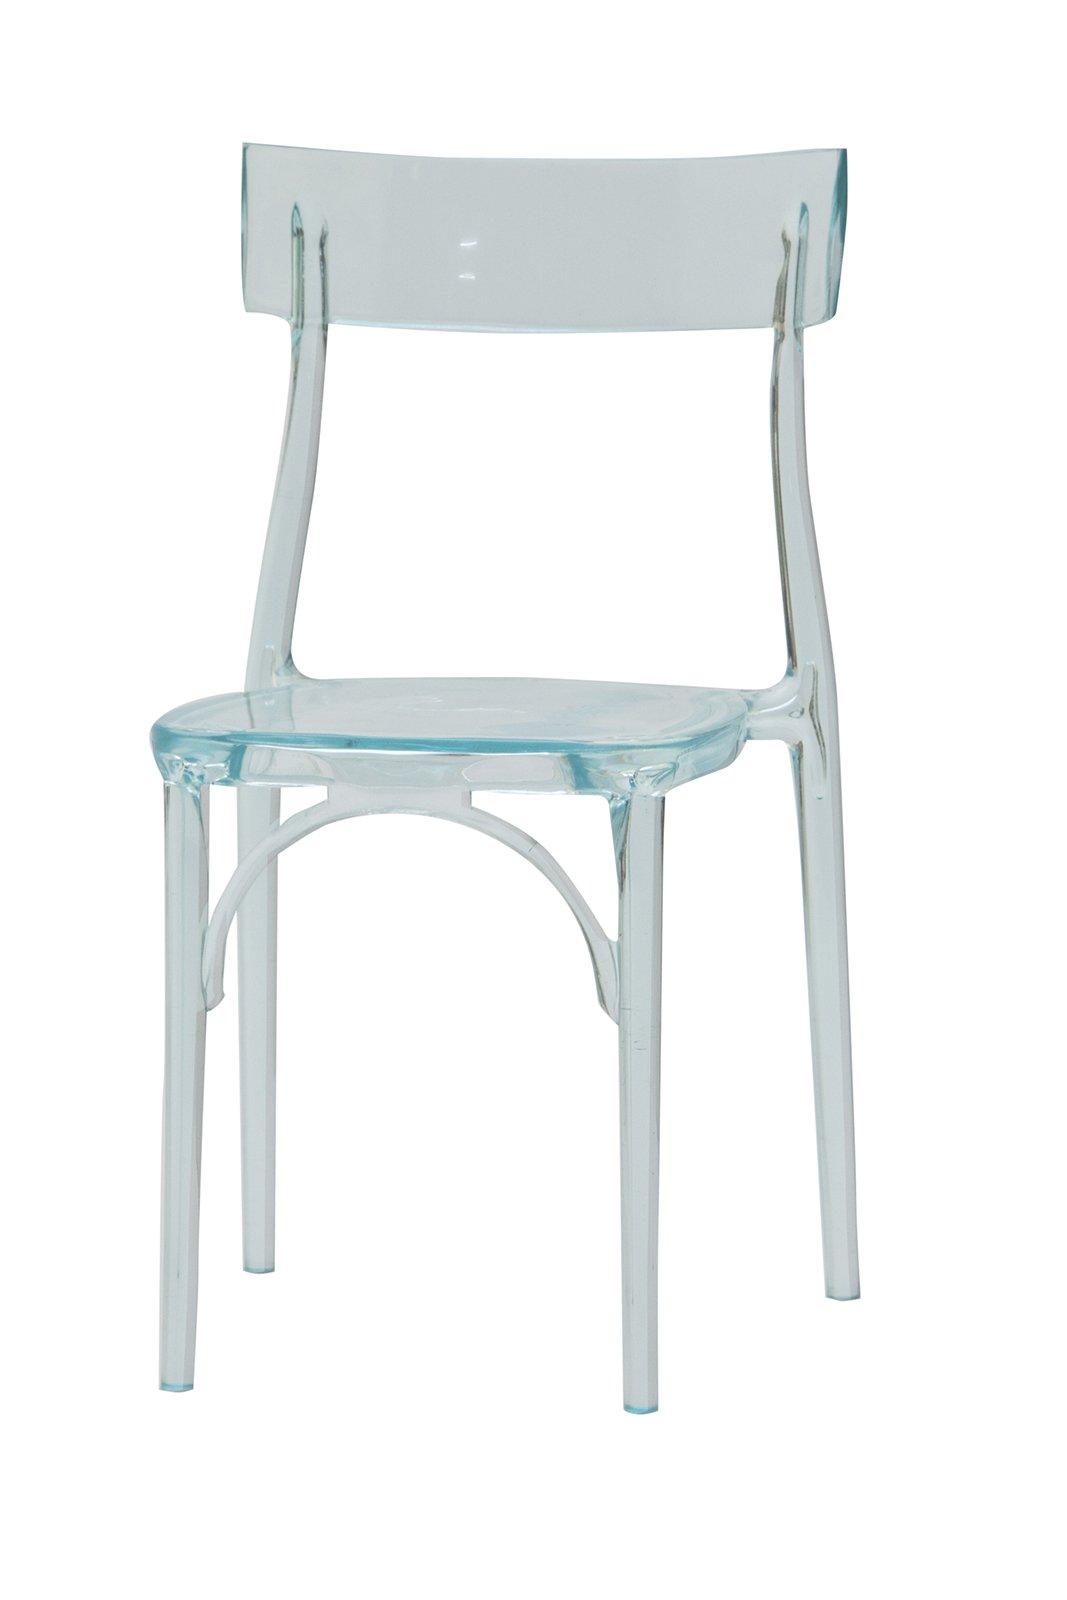 Come Pulire Le Sedie In Plastica.Sedie Trasparenti E La Stanza Sembra Piu Grande Cose Di Casa